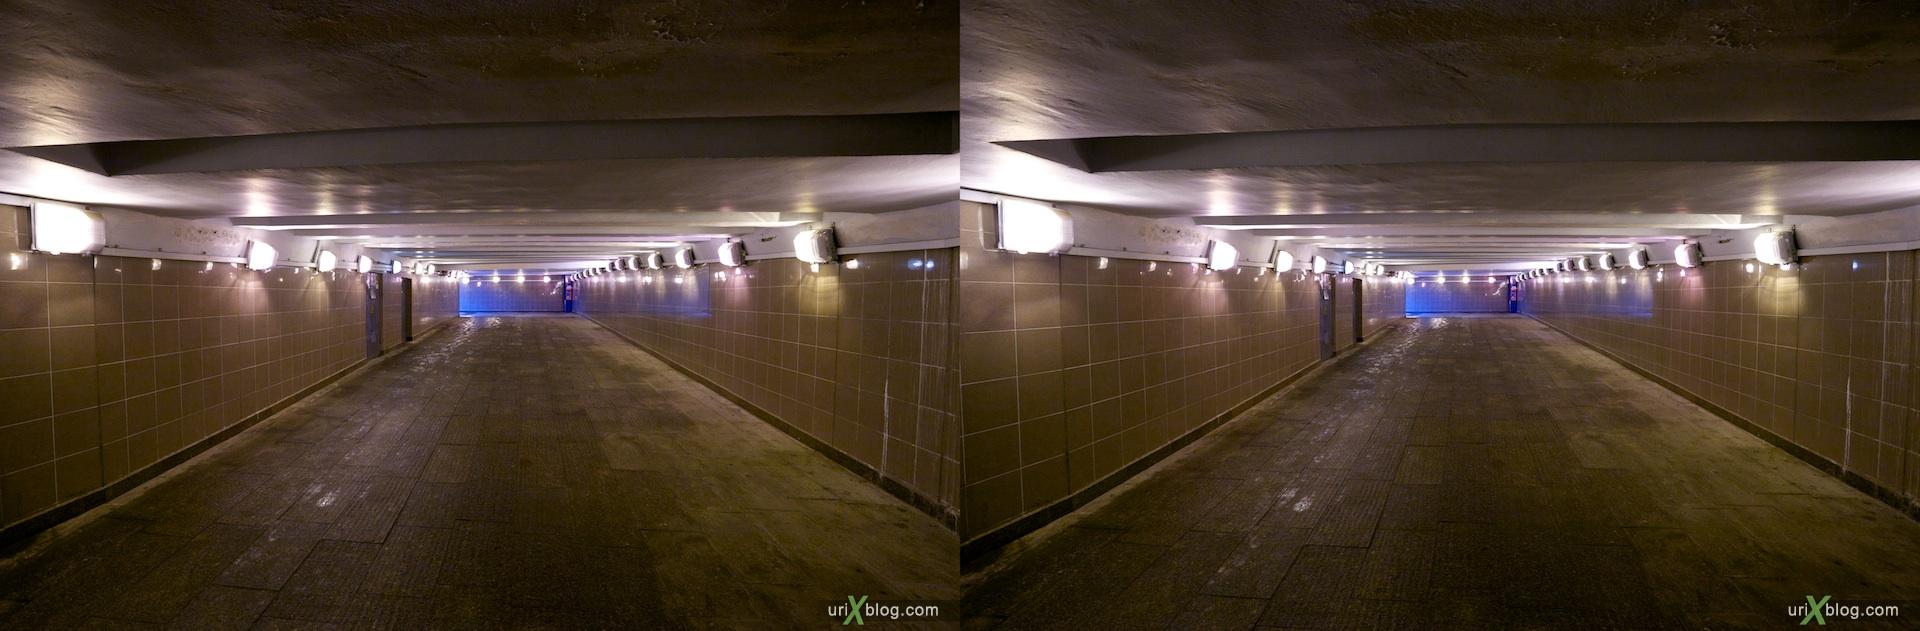 2011 stereo стерео подземный переход под улицей Воздвиженка, 3D, Москва